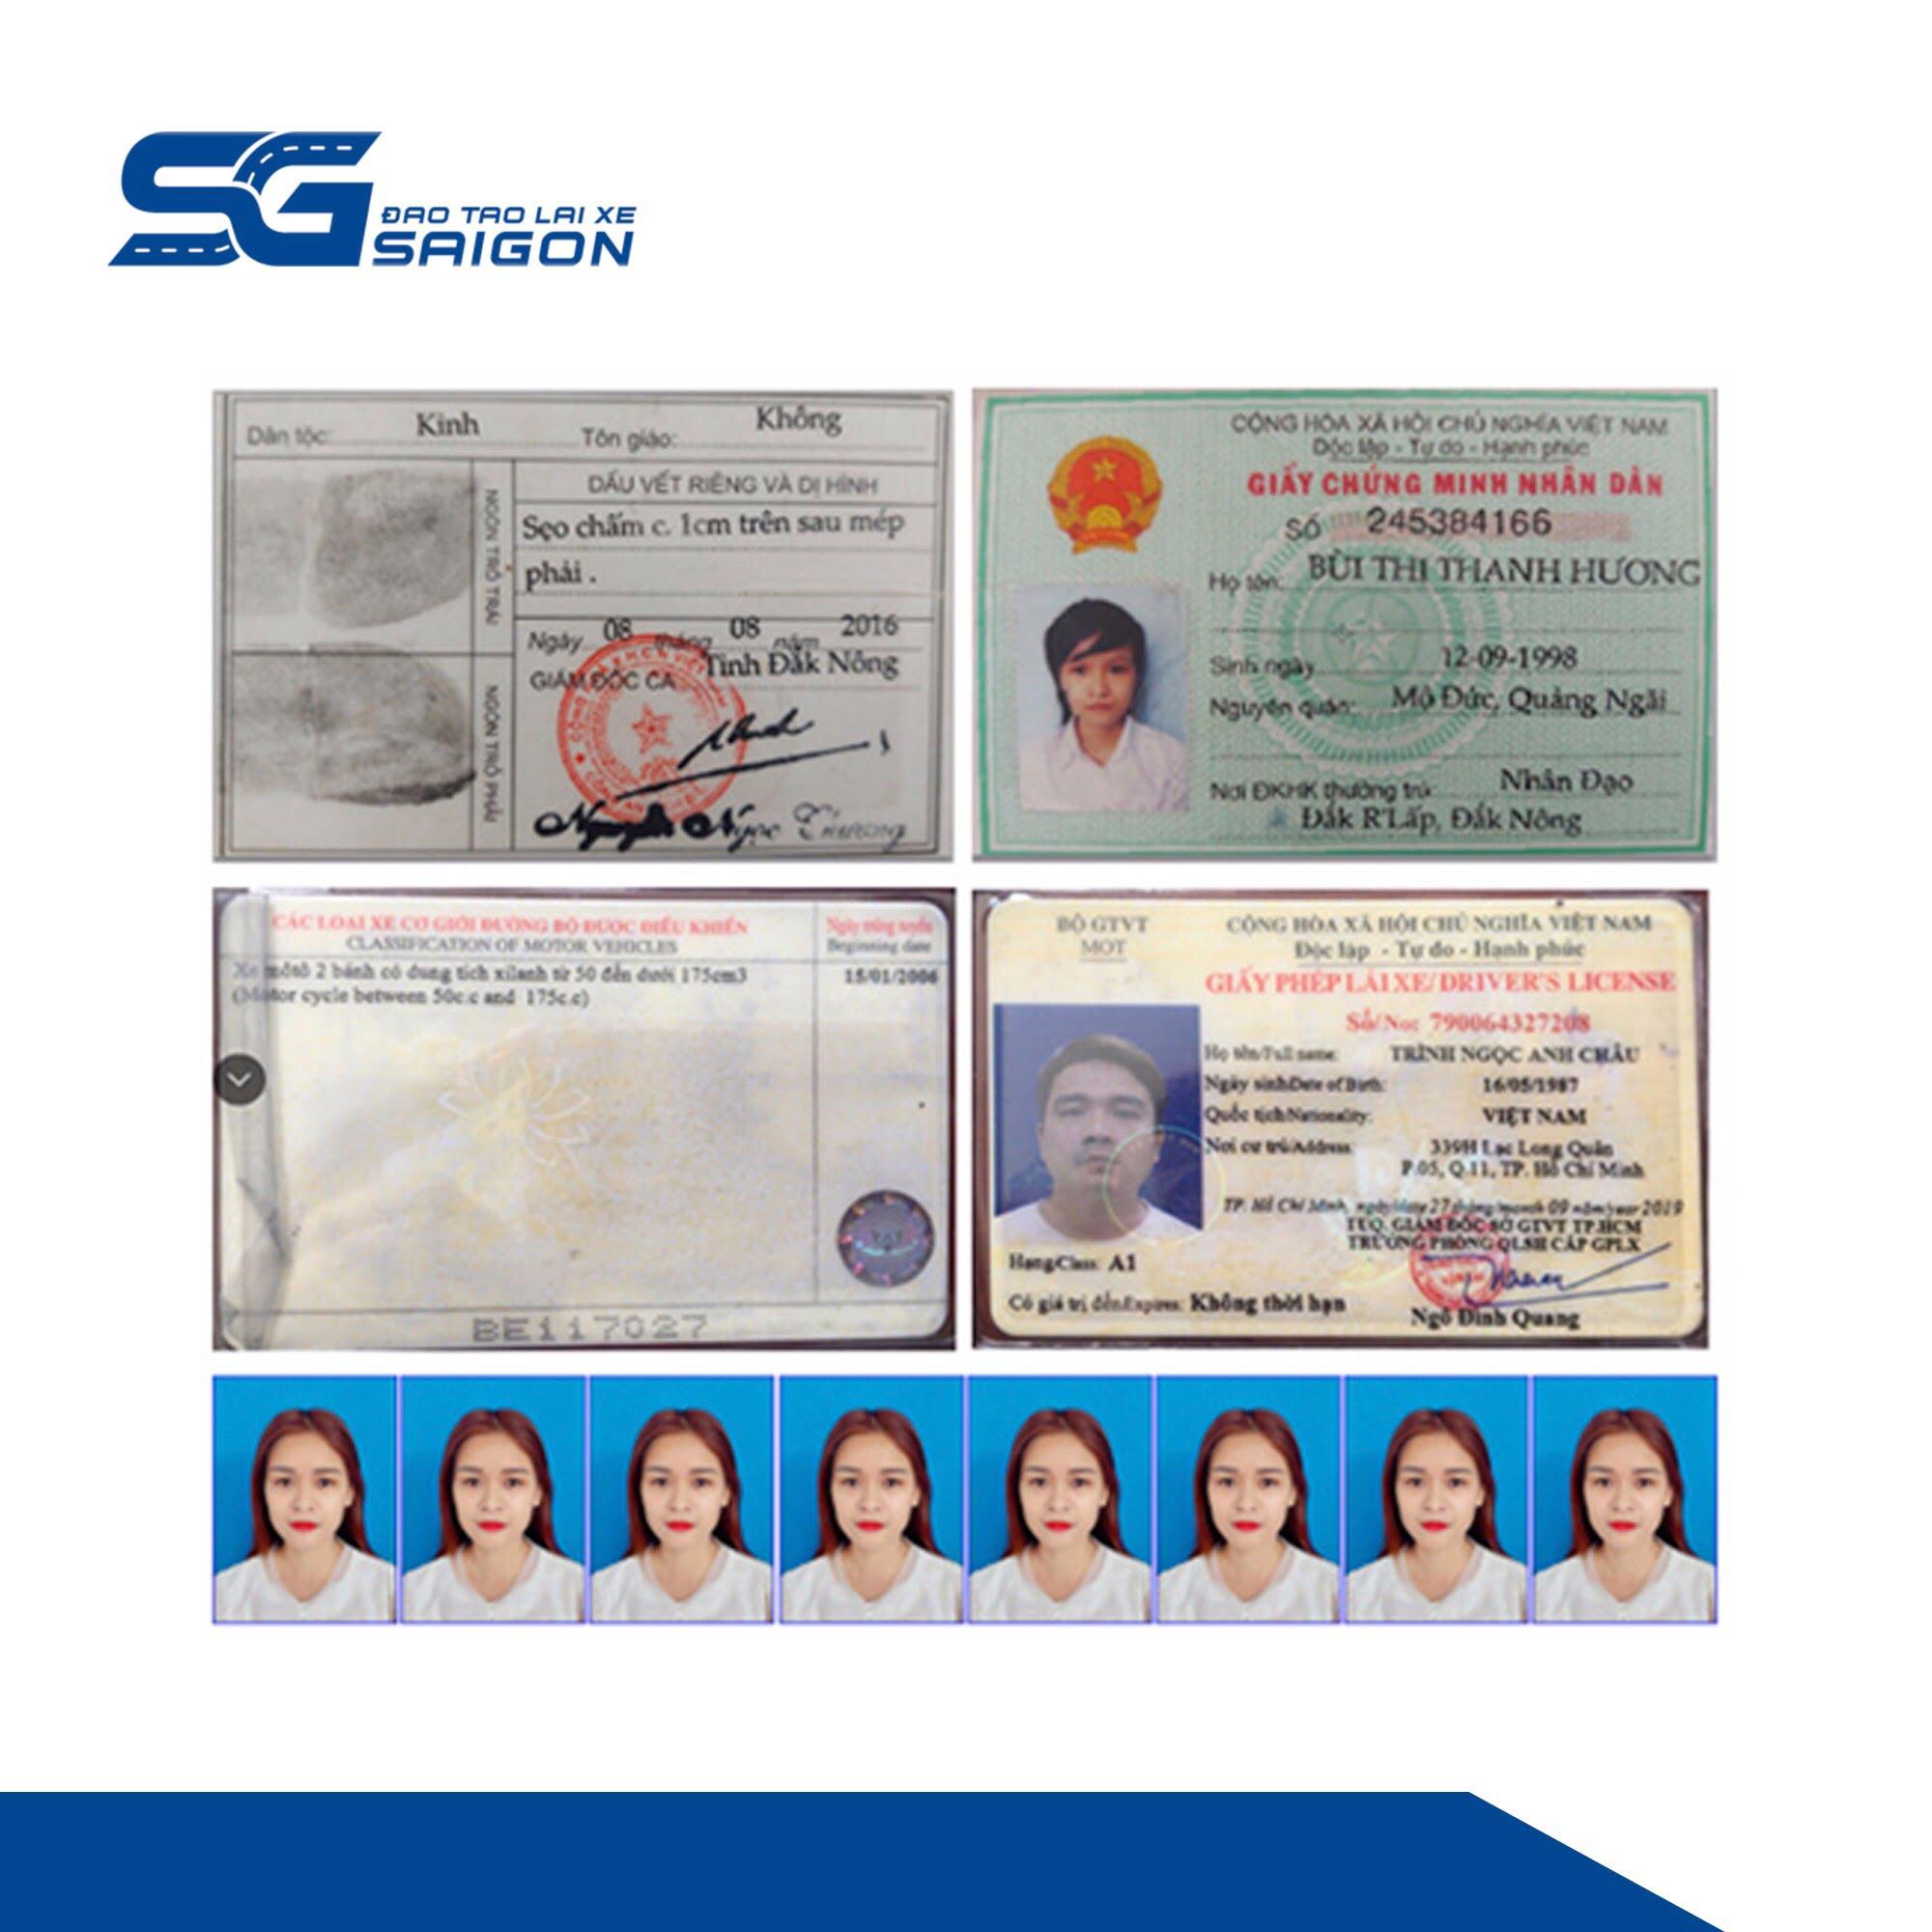 Tất cả các loại bằng lái xe bao gồm ô tô, xe máy,...bắt buộc phải có các giấy tờ cơ bản như căn cước công dân, chứng minh nhân dân, hình thẻ, giấy khám sức khỏe